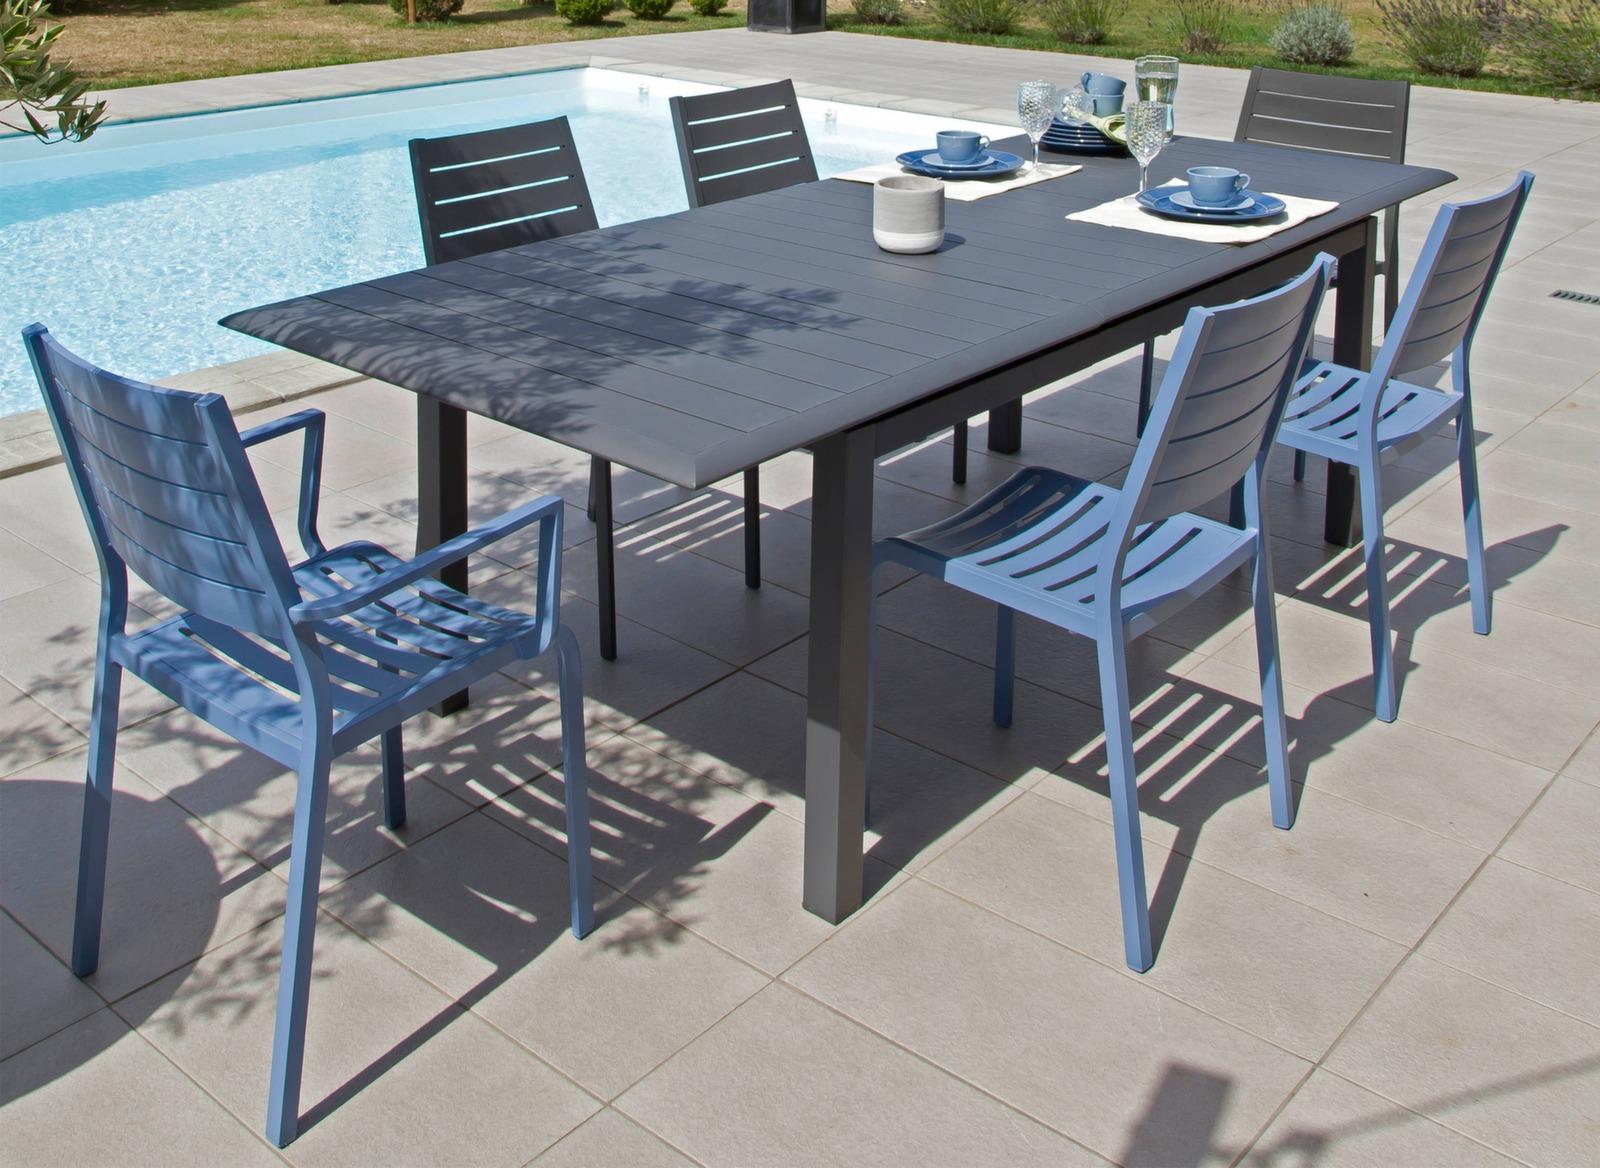 Salon de jardin table extensible + 6 chaises - Proloisirs